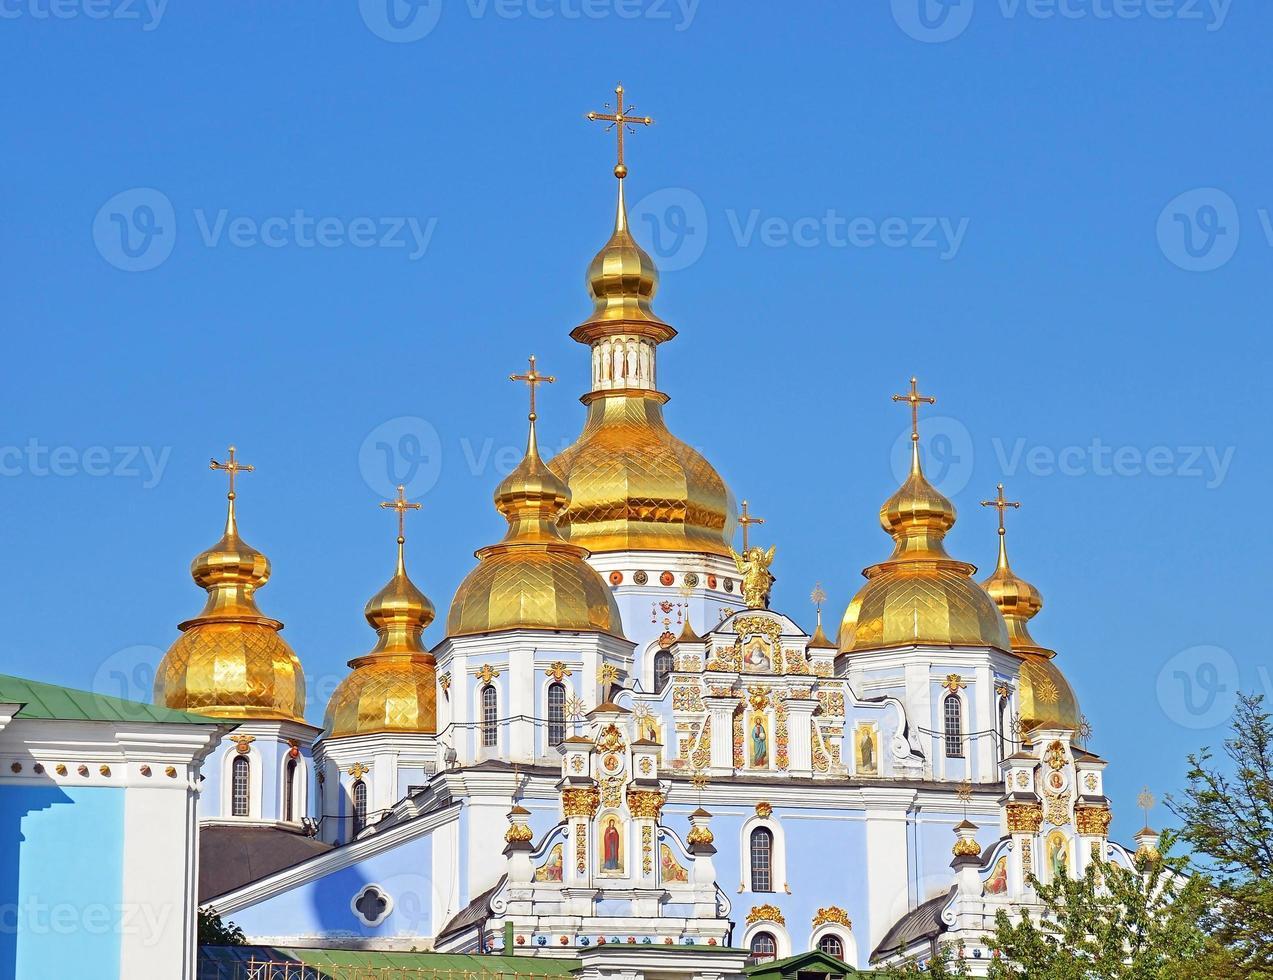 st. Michaels Kloster in Kiew foto